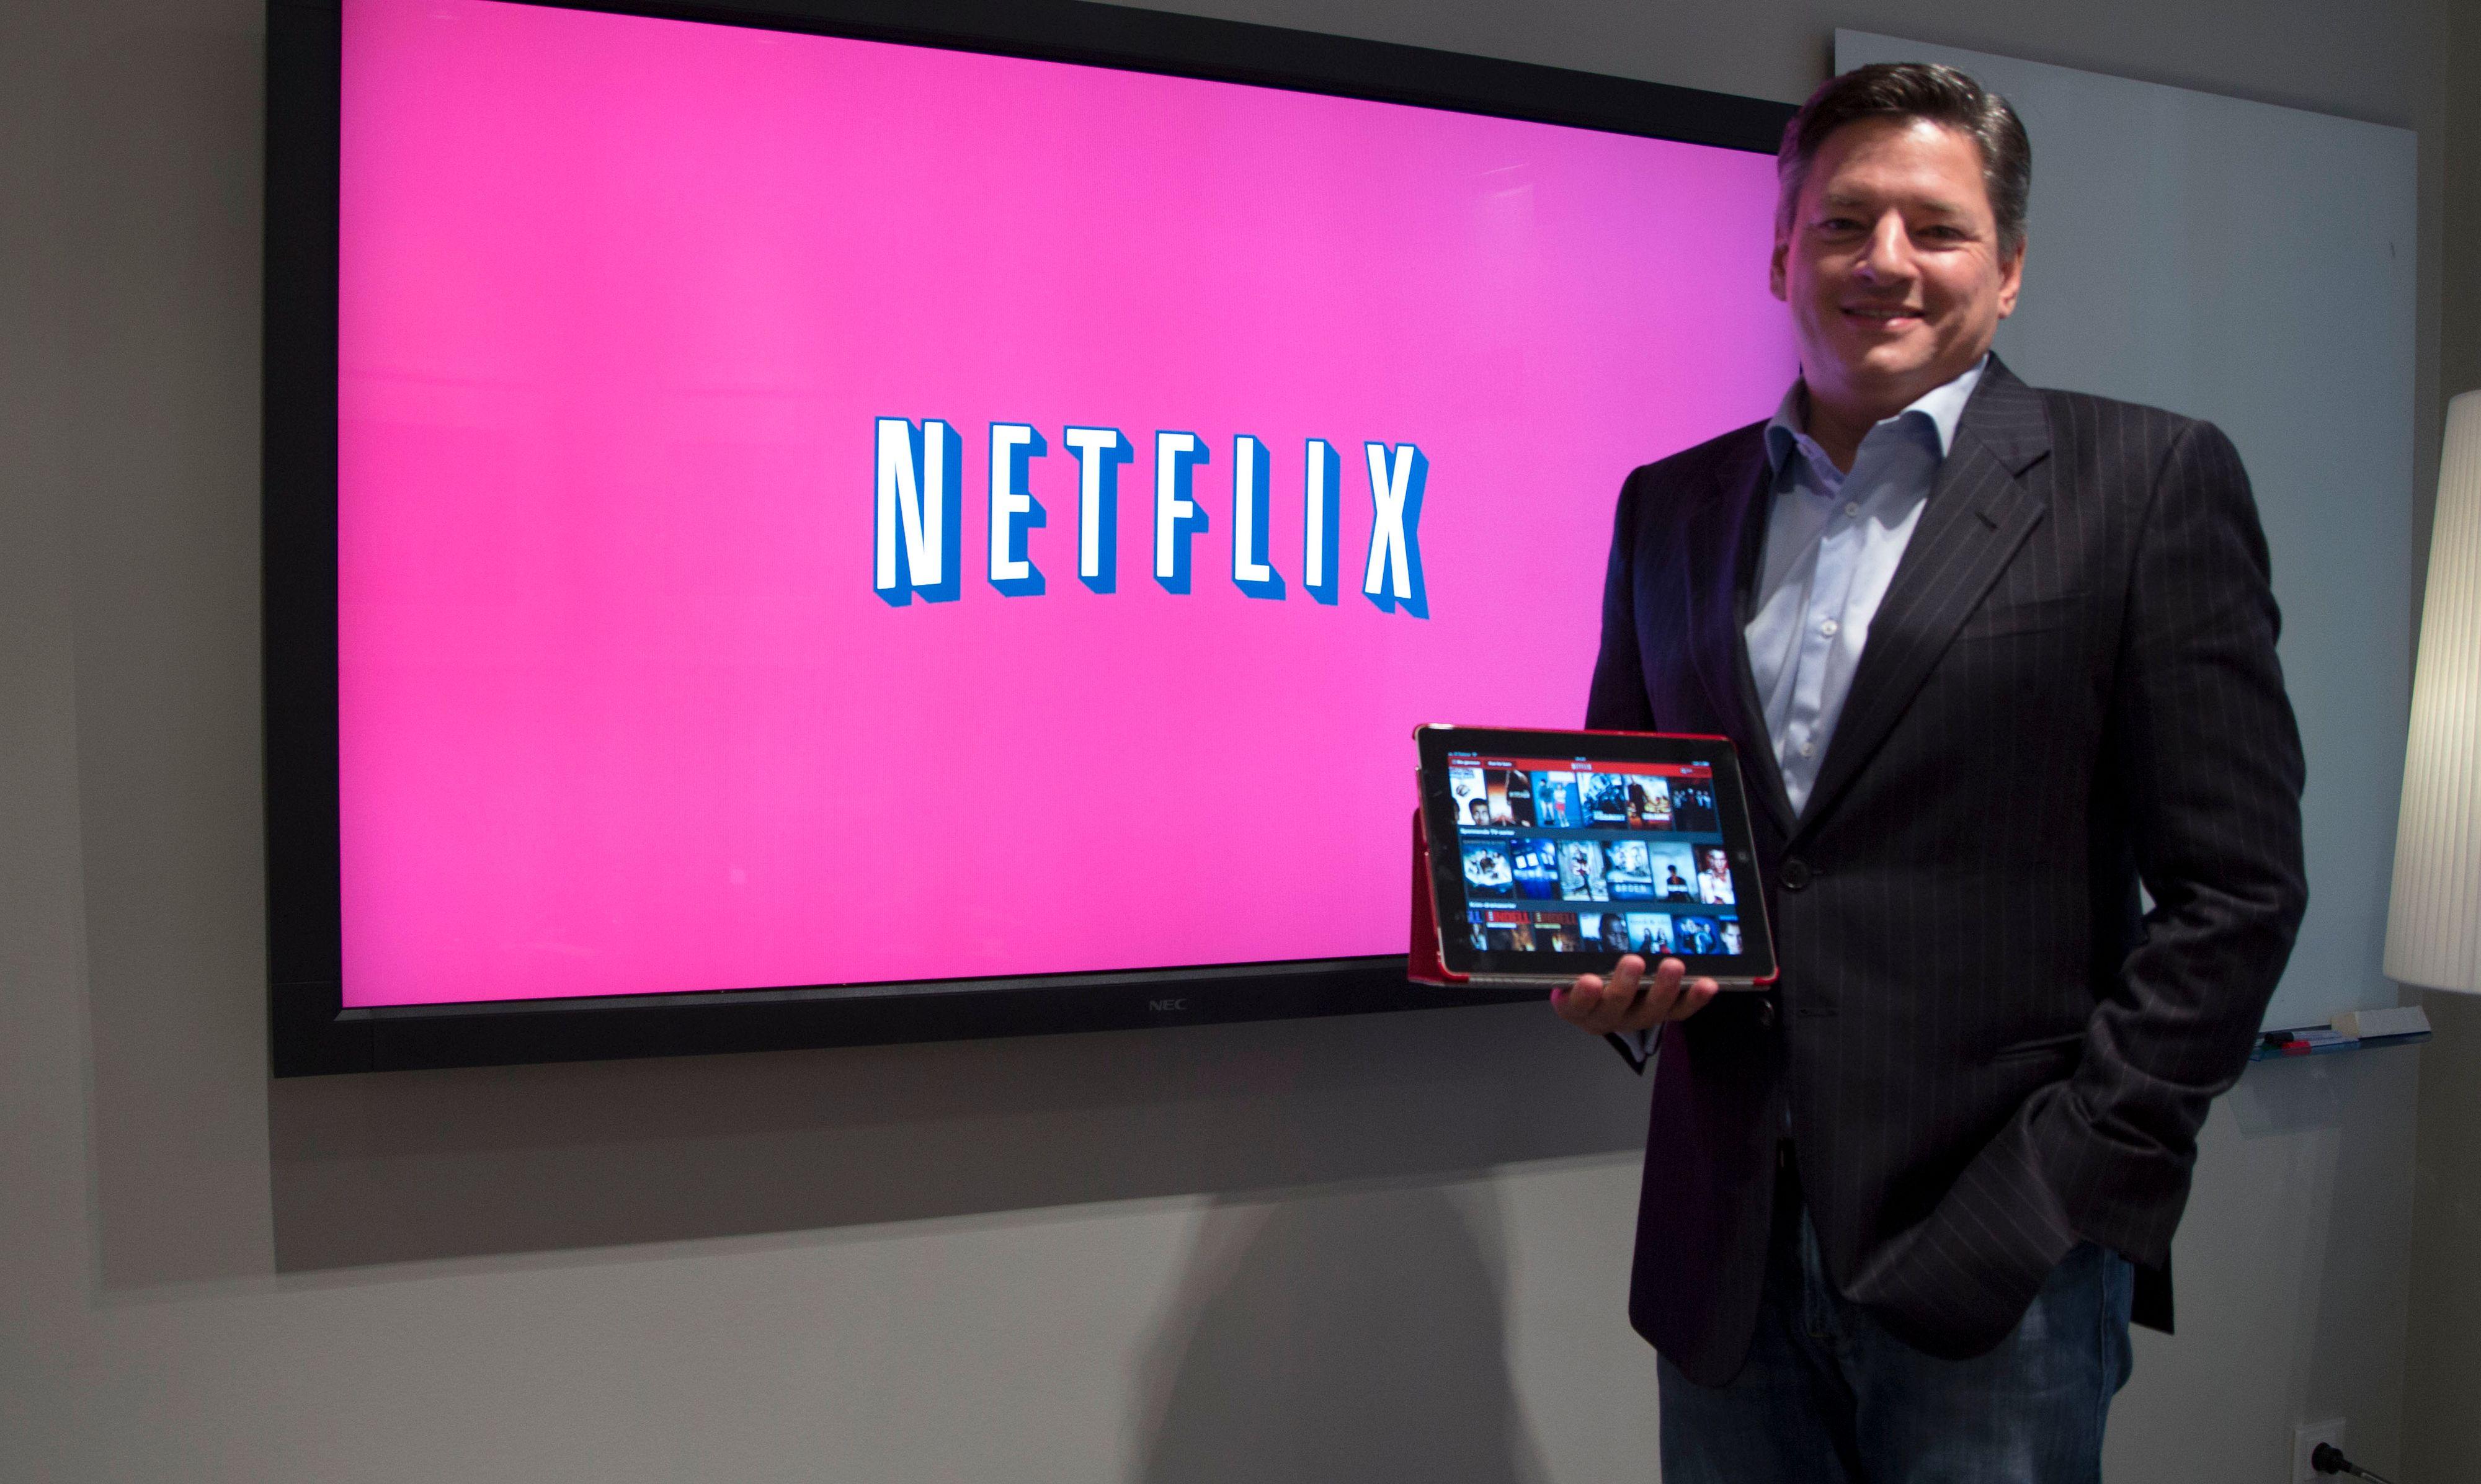 Ted Sarandos er innholdsansvarlig hos Netflix, og hadde mye å si om utdaterte distribusjonsmodeller og selskapets egne visjoner.Foto: Niklas Plikk, Hardware.no